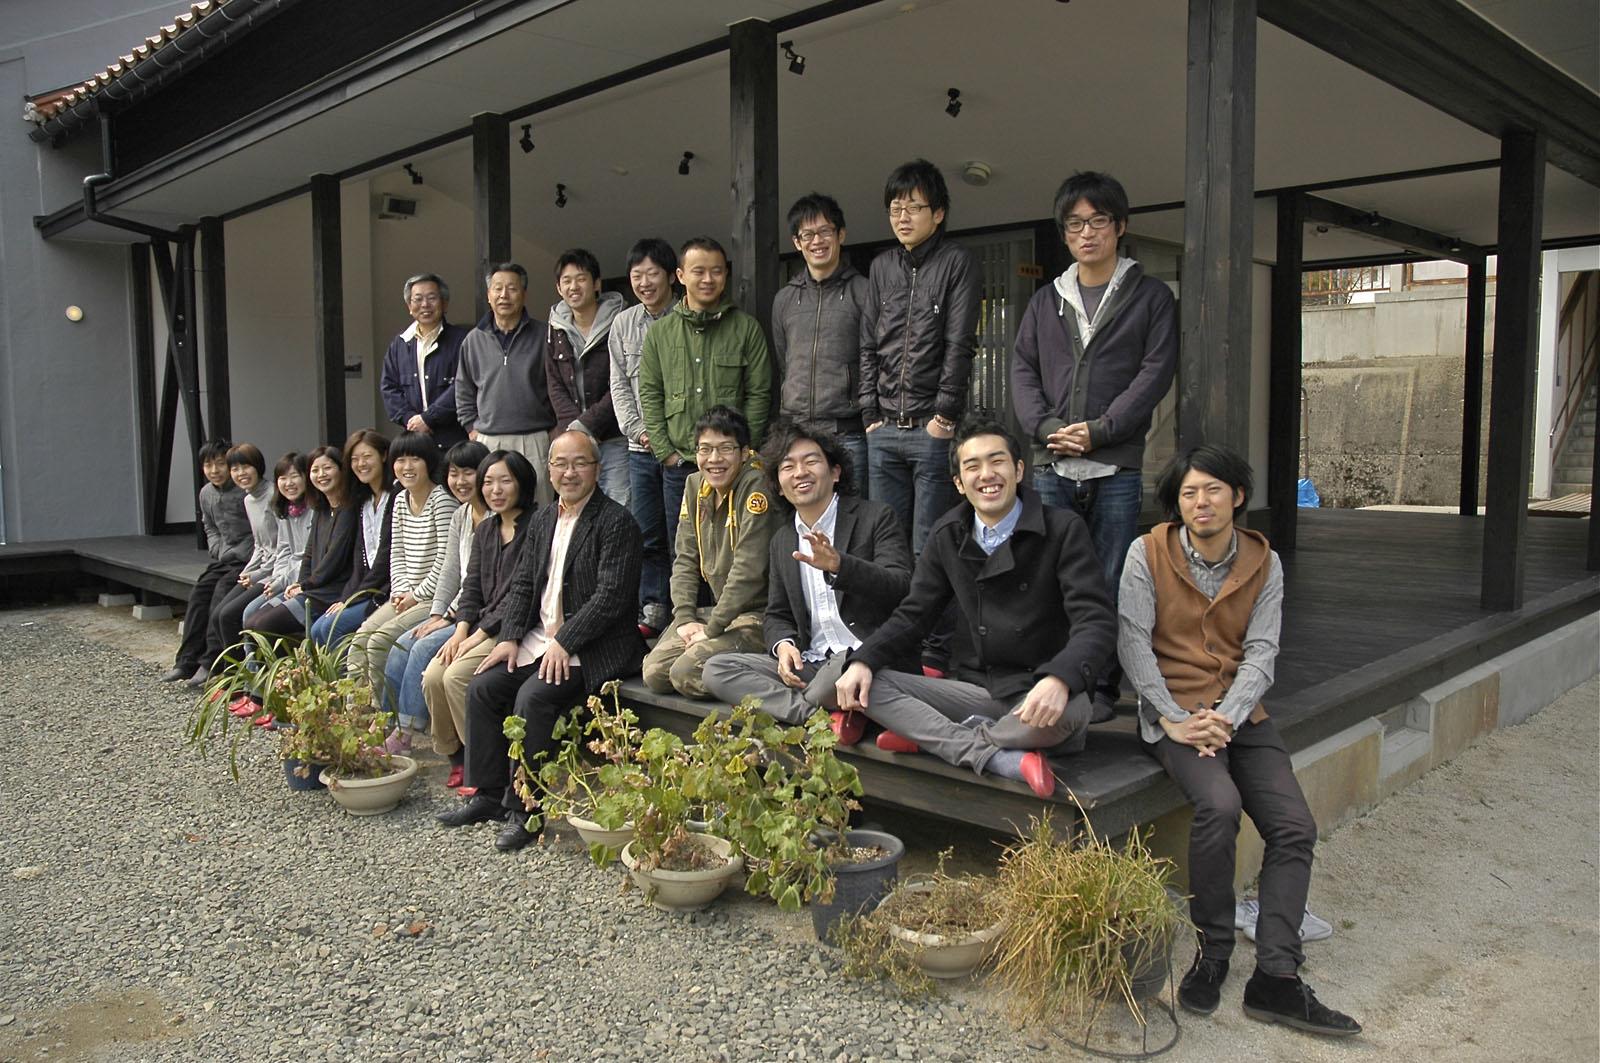 20110410-5終わりに.JPG